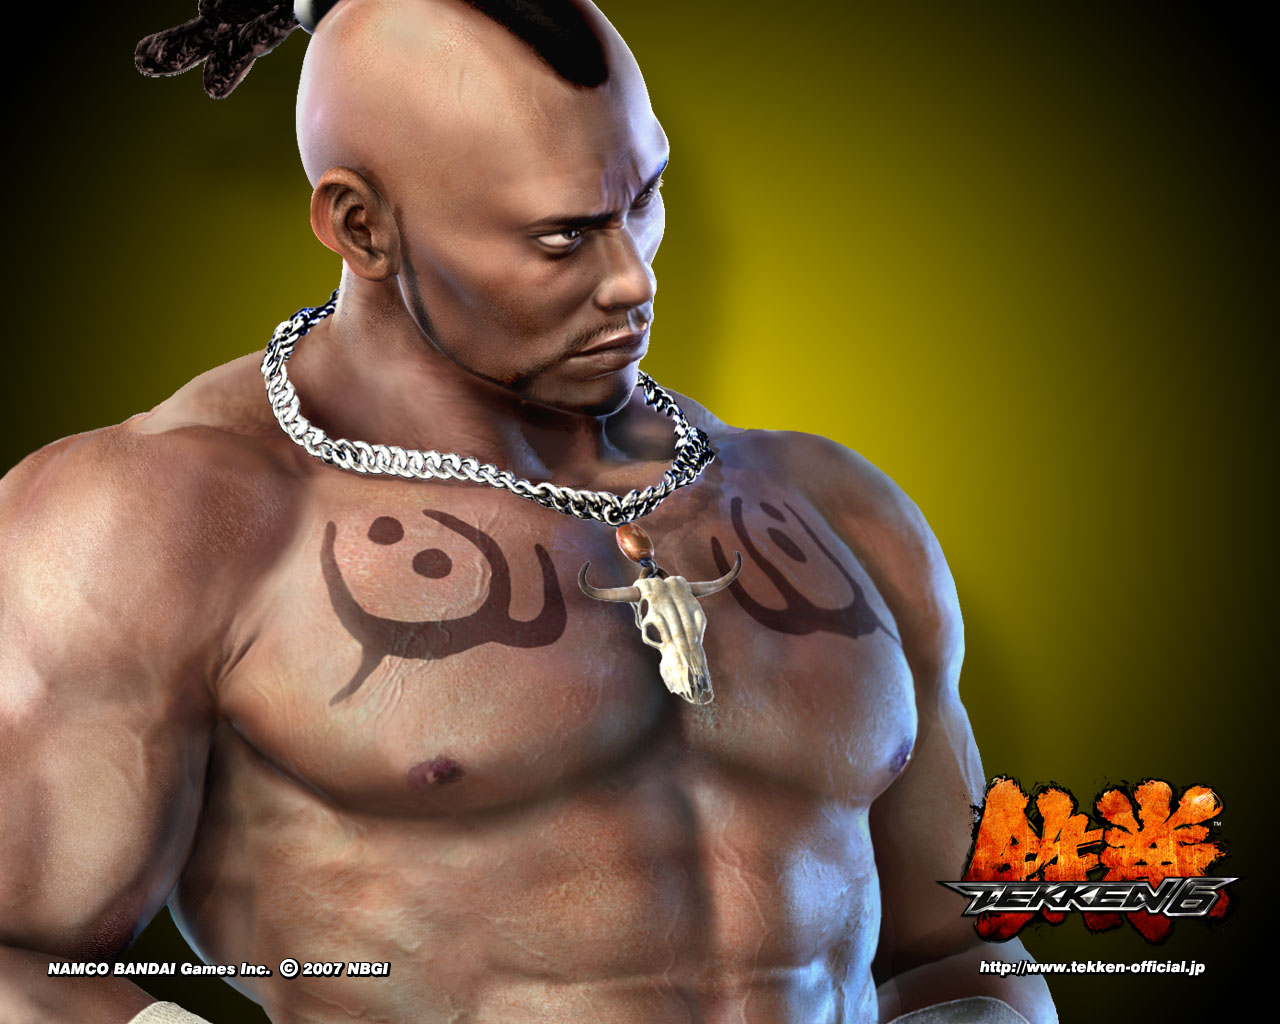 http://4.bp.blogspot.com/-e-YtXC01pJY/T-haqmOI-EI/AAAAAAAAAXw/JNDQnKoaH5c/s1600/Tekken+6+HD+Wallpapers+(8).jpg